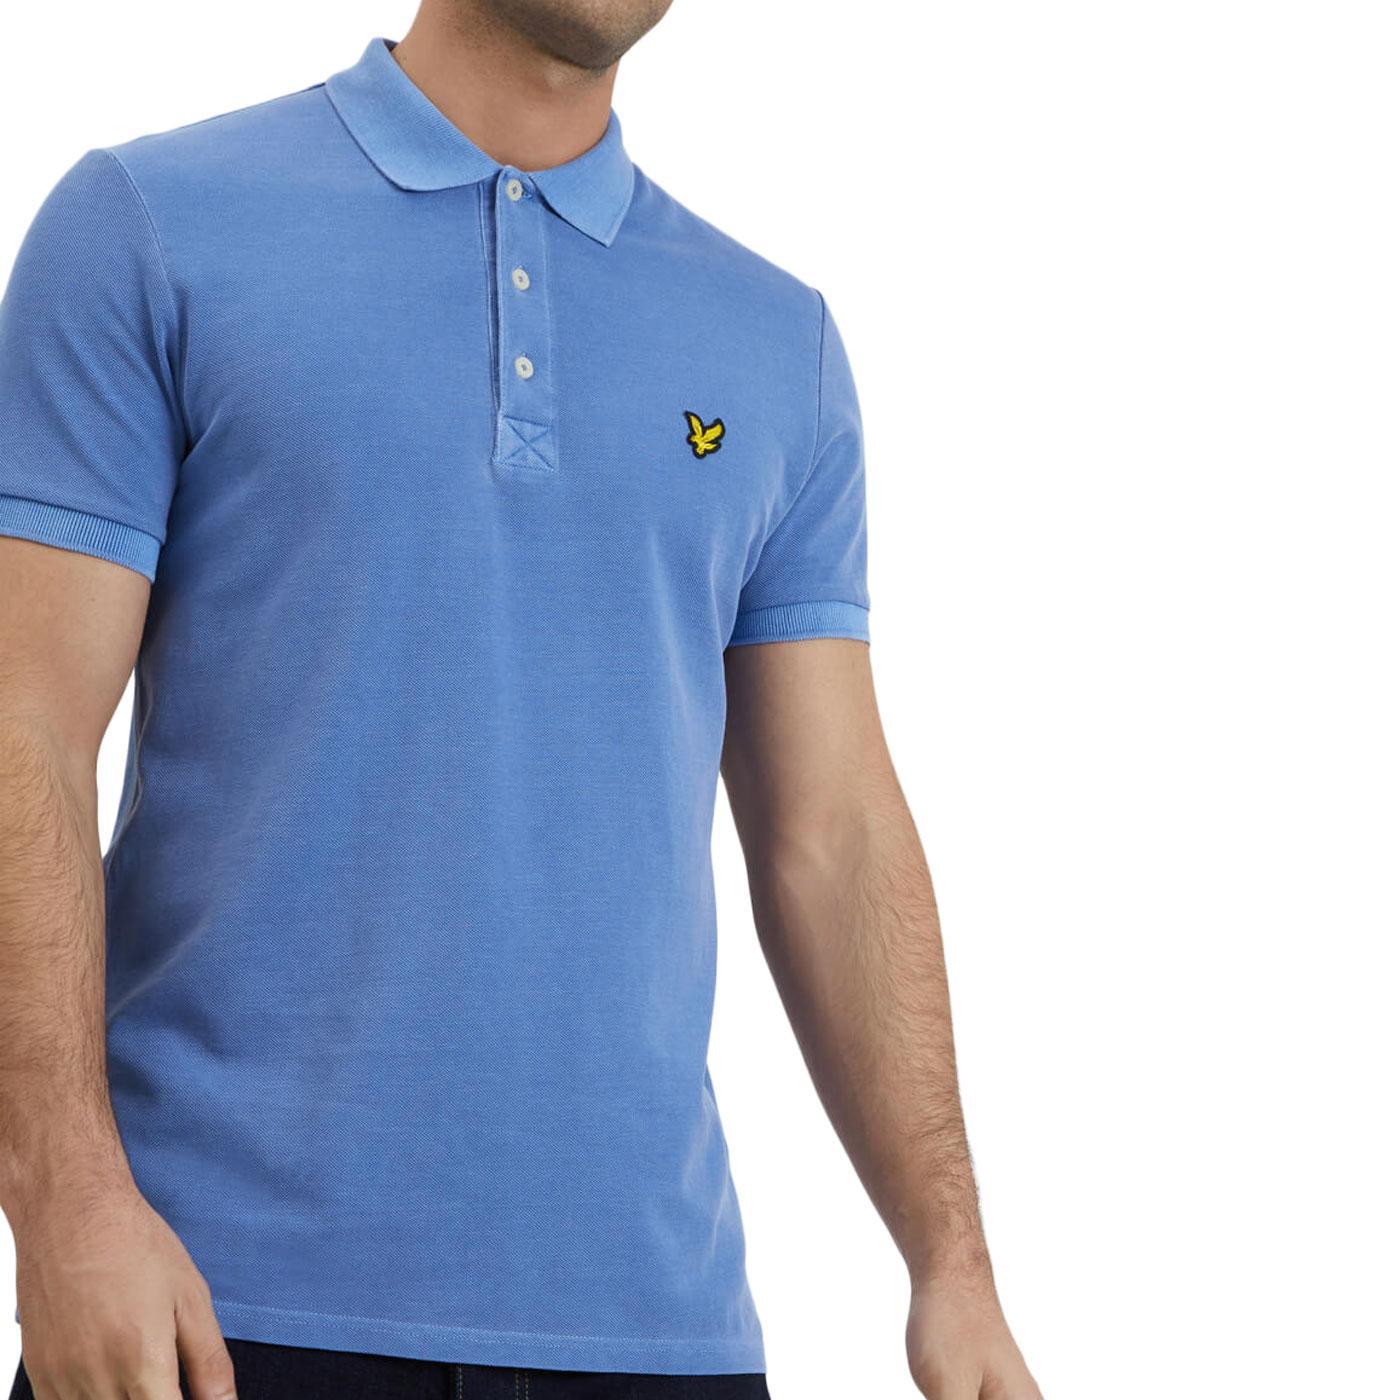 LYLE & SCOTT Mod Snow Wash Pique Polo Shirt (CB)